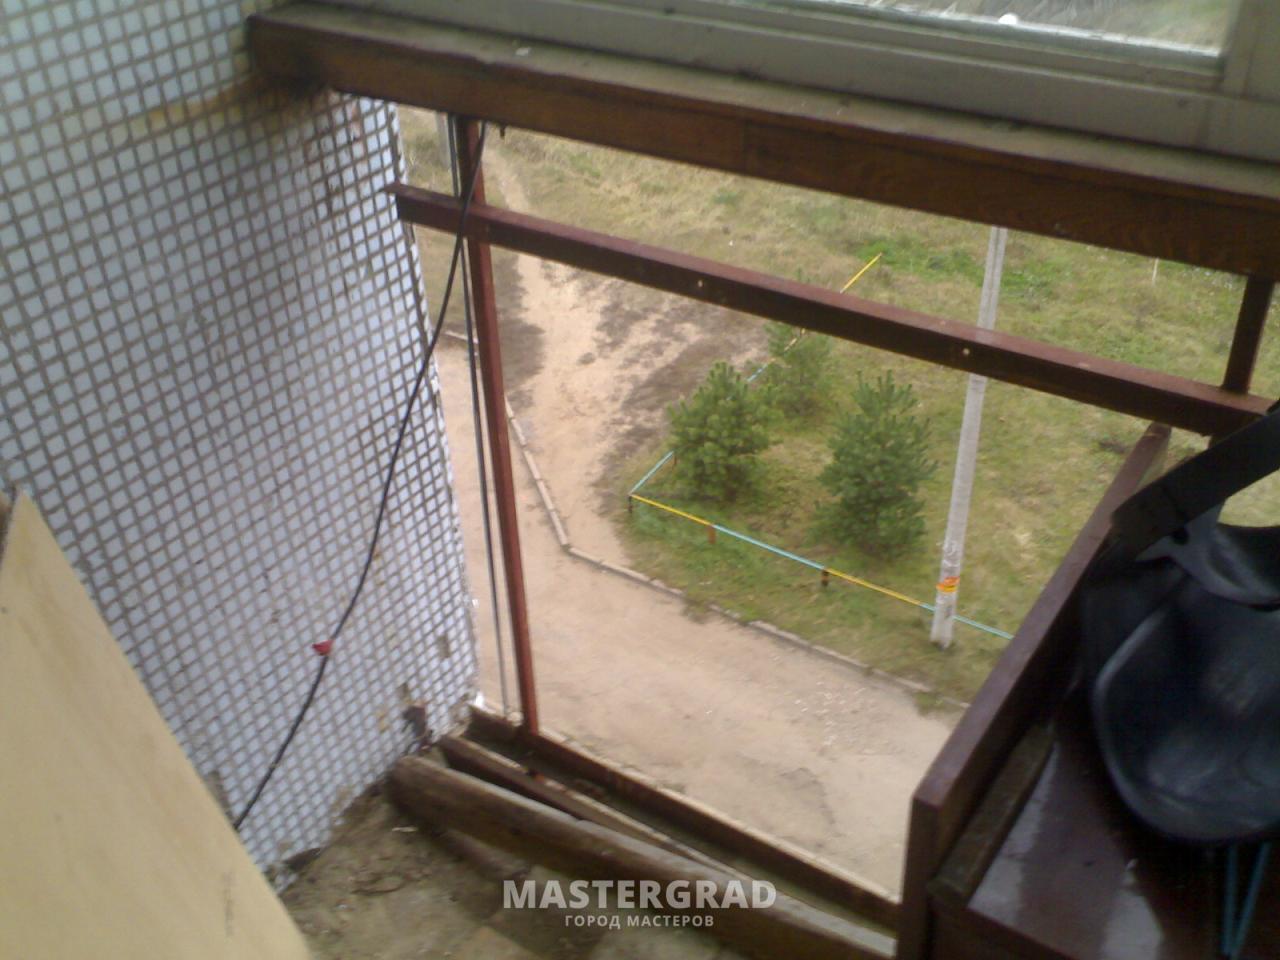 Утепление лоджии-металлический парапет - фото- форум masterg.